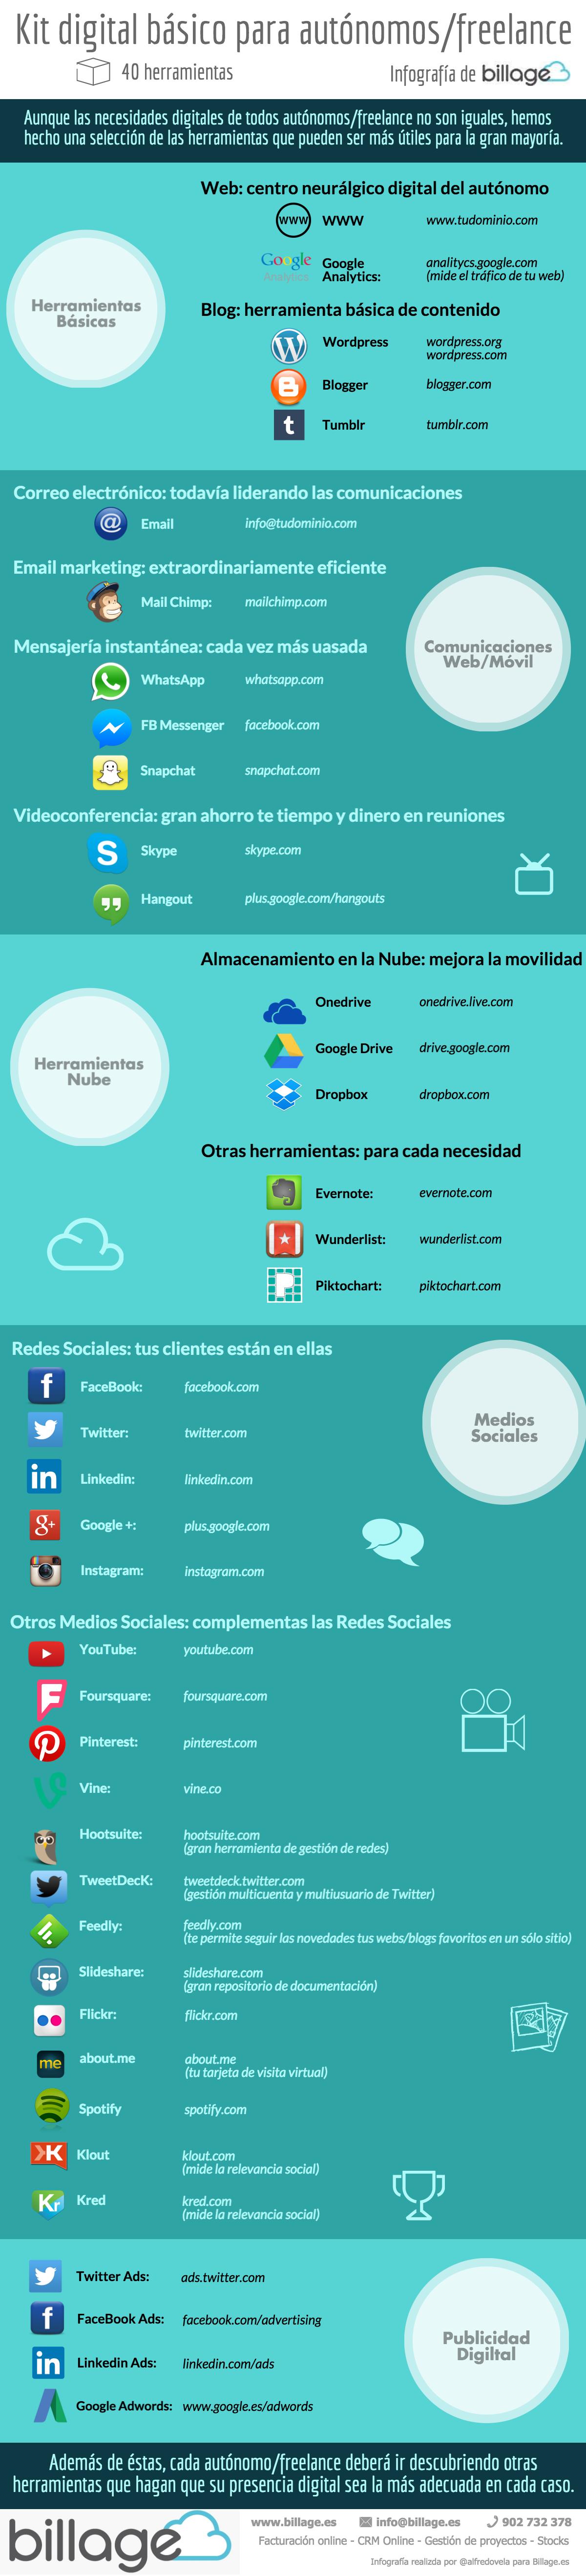 Hola: Una infografía con 40 herramientas digitales para un freelance/autónomo. Vía Billage. Un saludo